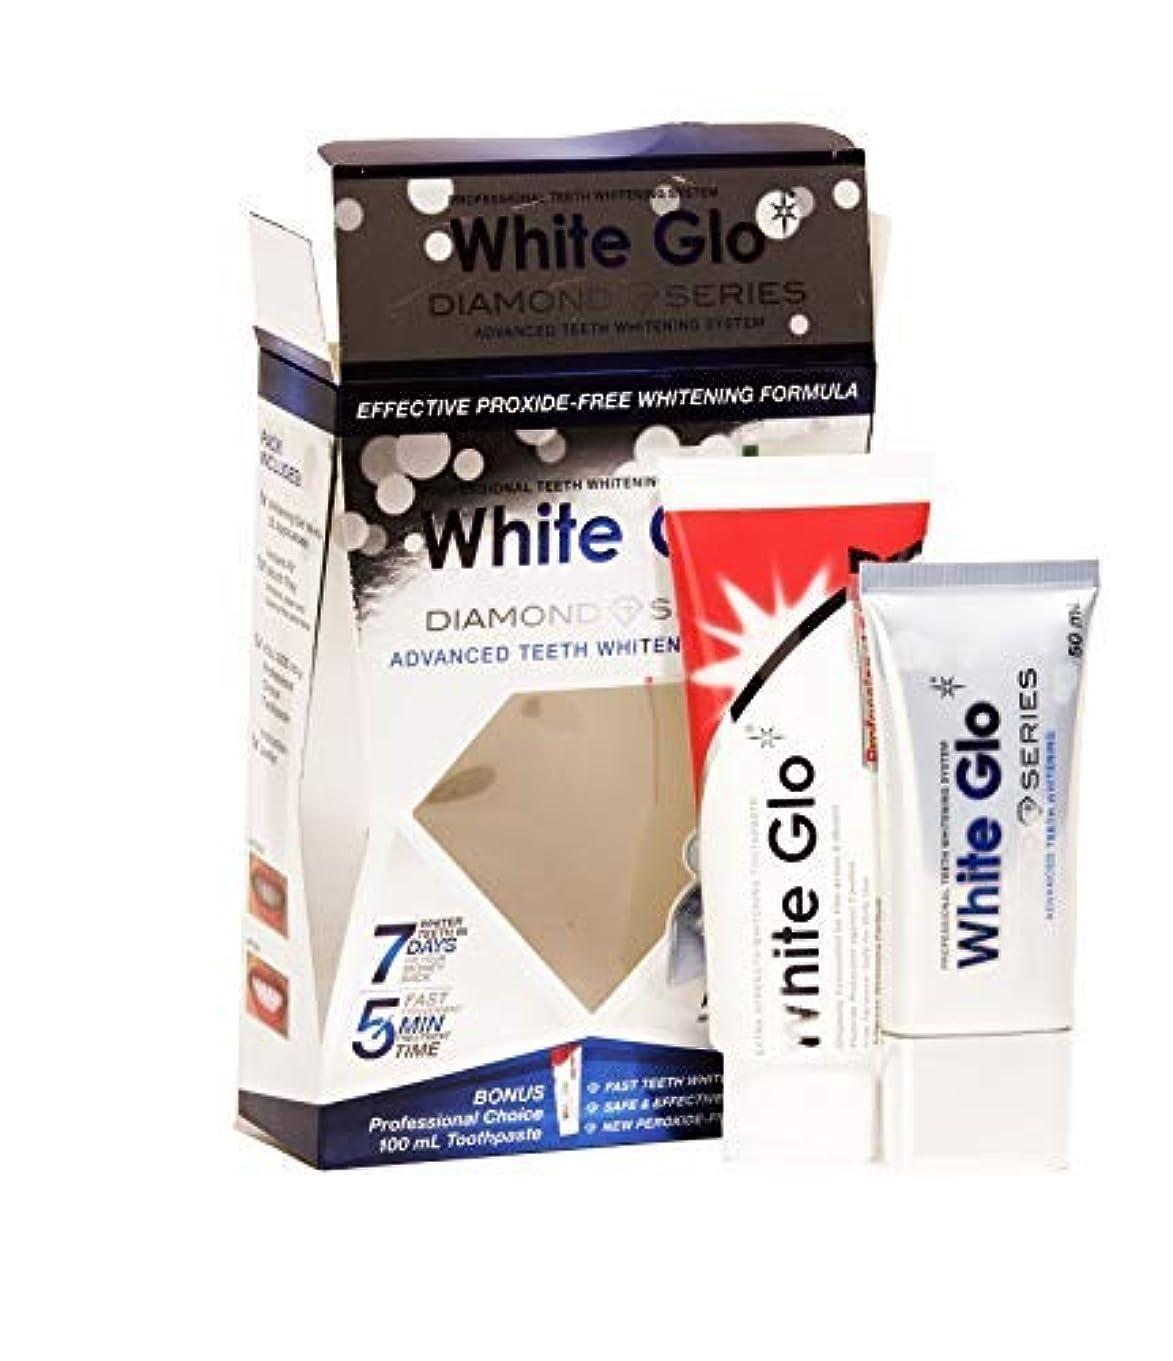 テンションさせる肖像画Teeth Whitening Systems White Glo White Glo Diamond Series Bleaching Set Gel & Paste 50ml + 100ml Australia /...